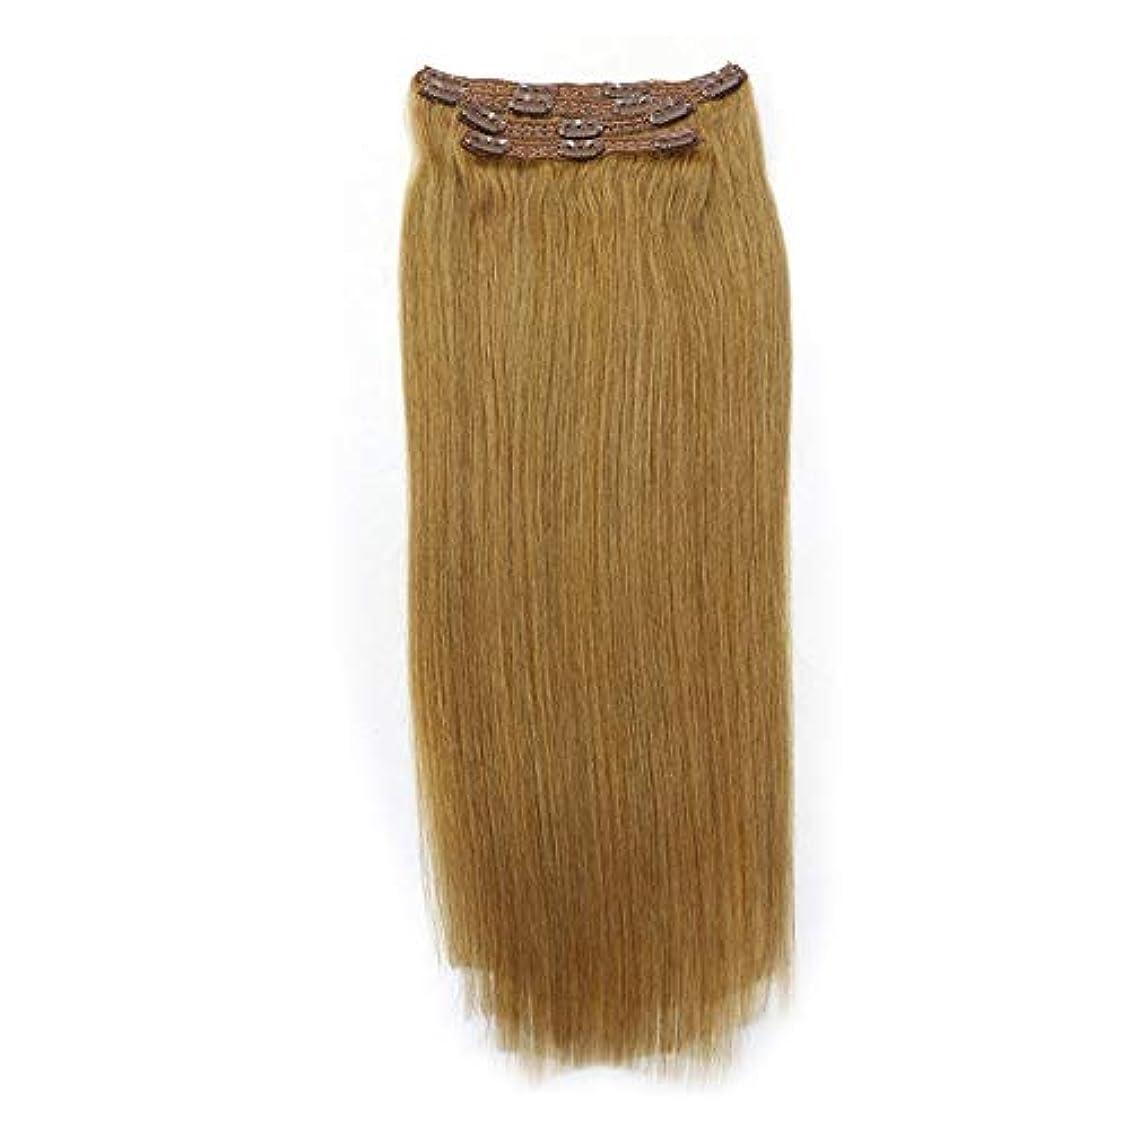 寝てる退却責めWASAIO ノーマルRealフル?ヘッドのヘアエクステンションクリップ裏地なし髪型ダブル横糸レミー人間のクリップ8個なめらかな (色 : ブラウン, サイズ : 28 inch)